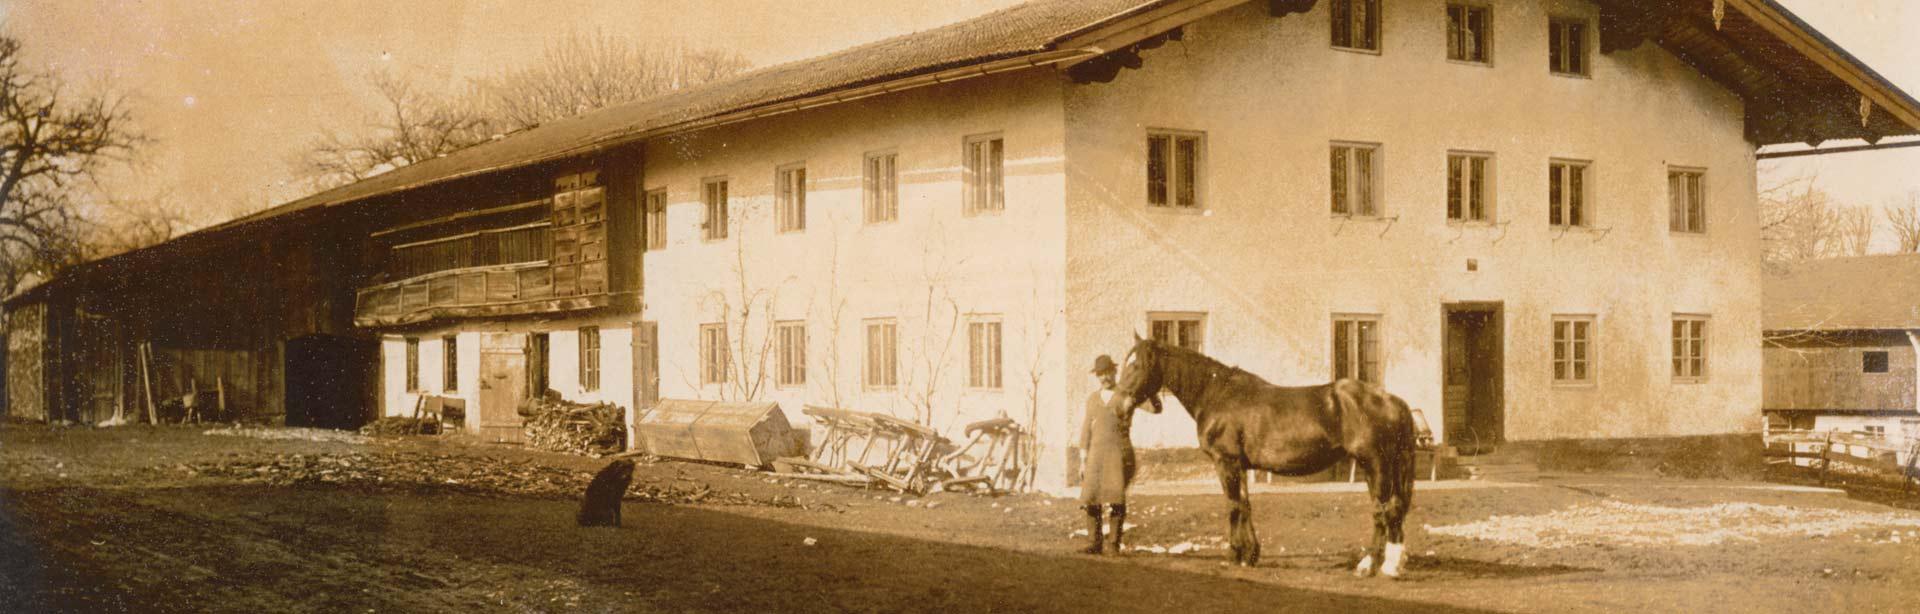 Bild alter Oberpartenhauserhof